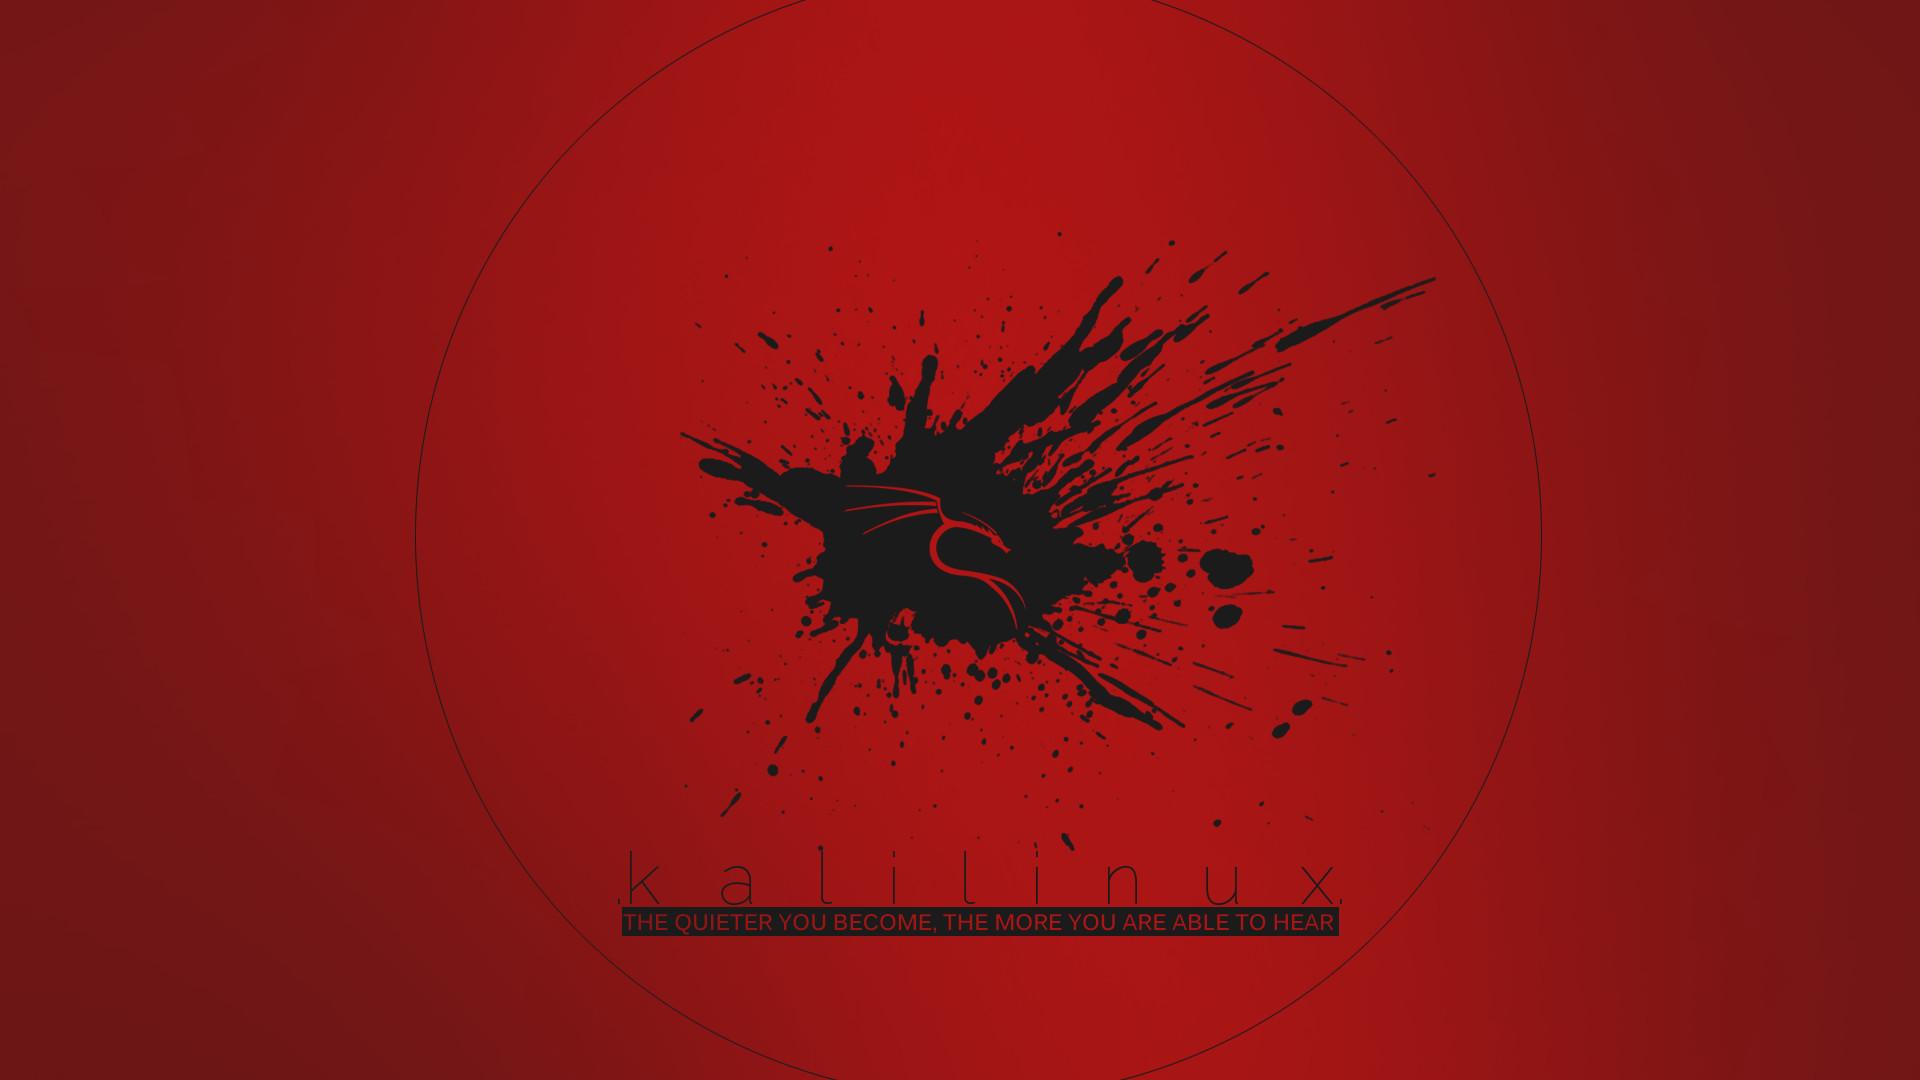 Kali Linux Desktop Wallpaper Kali_by_typograflaw-d6n6m8l.png